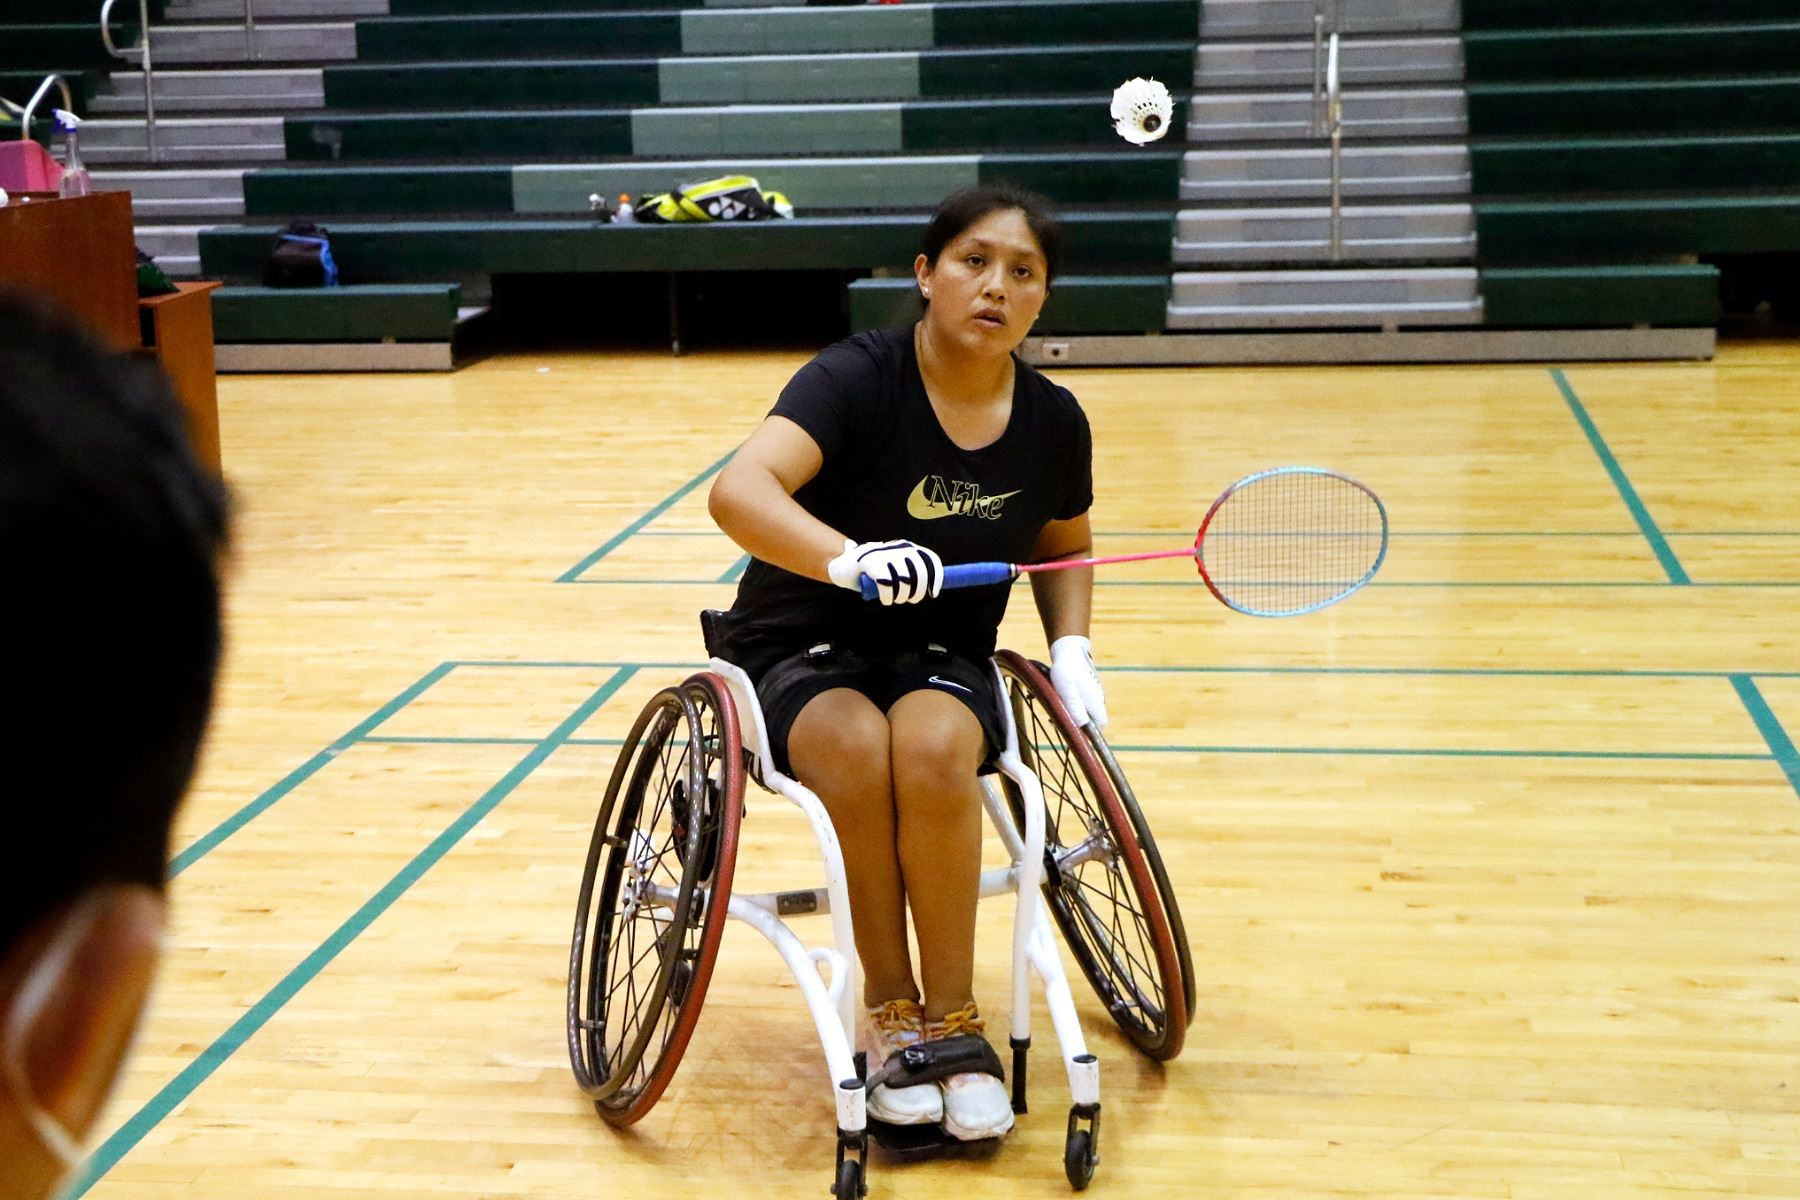 ¡Histórico! Paradeportista Pilar Jáuregui clasifica a los Juegos Paralímpicos Tokio 2020